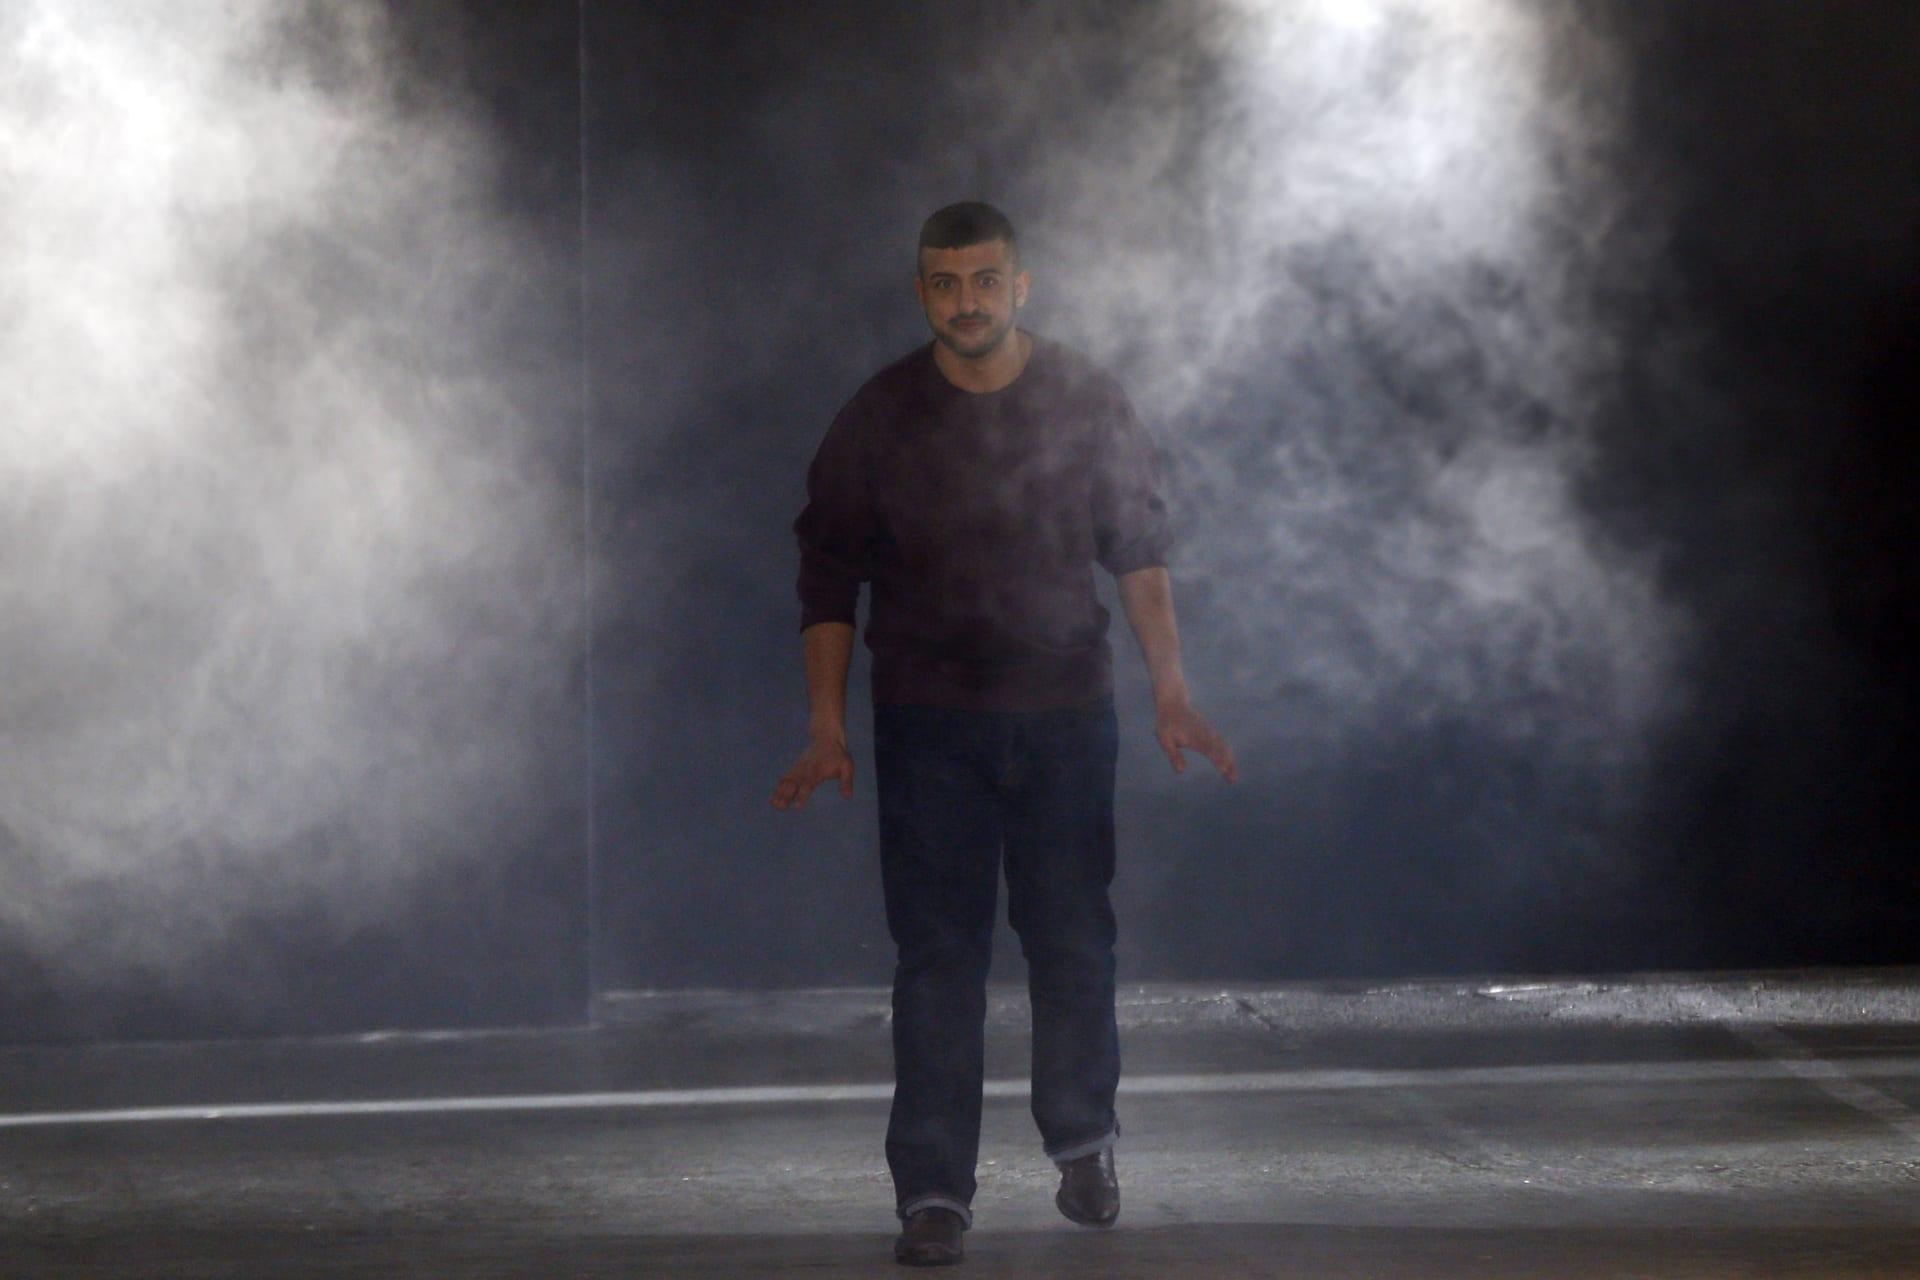 ما هي البصمة التي تركها الشيخ خالد القاسمي في عالم الأزياء قبل وفاته؟